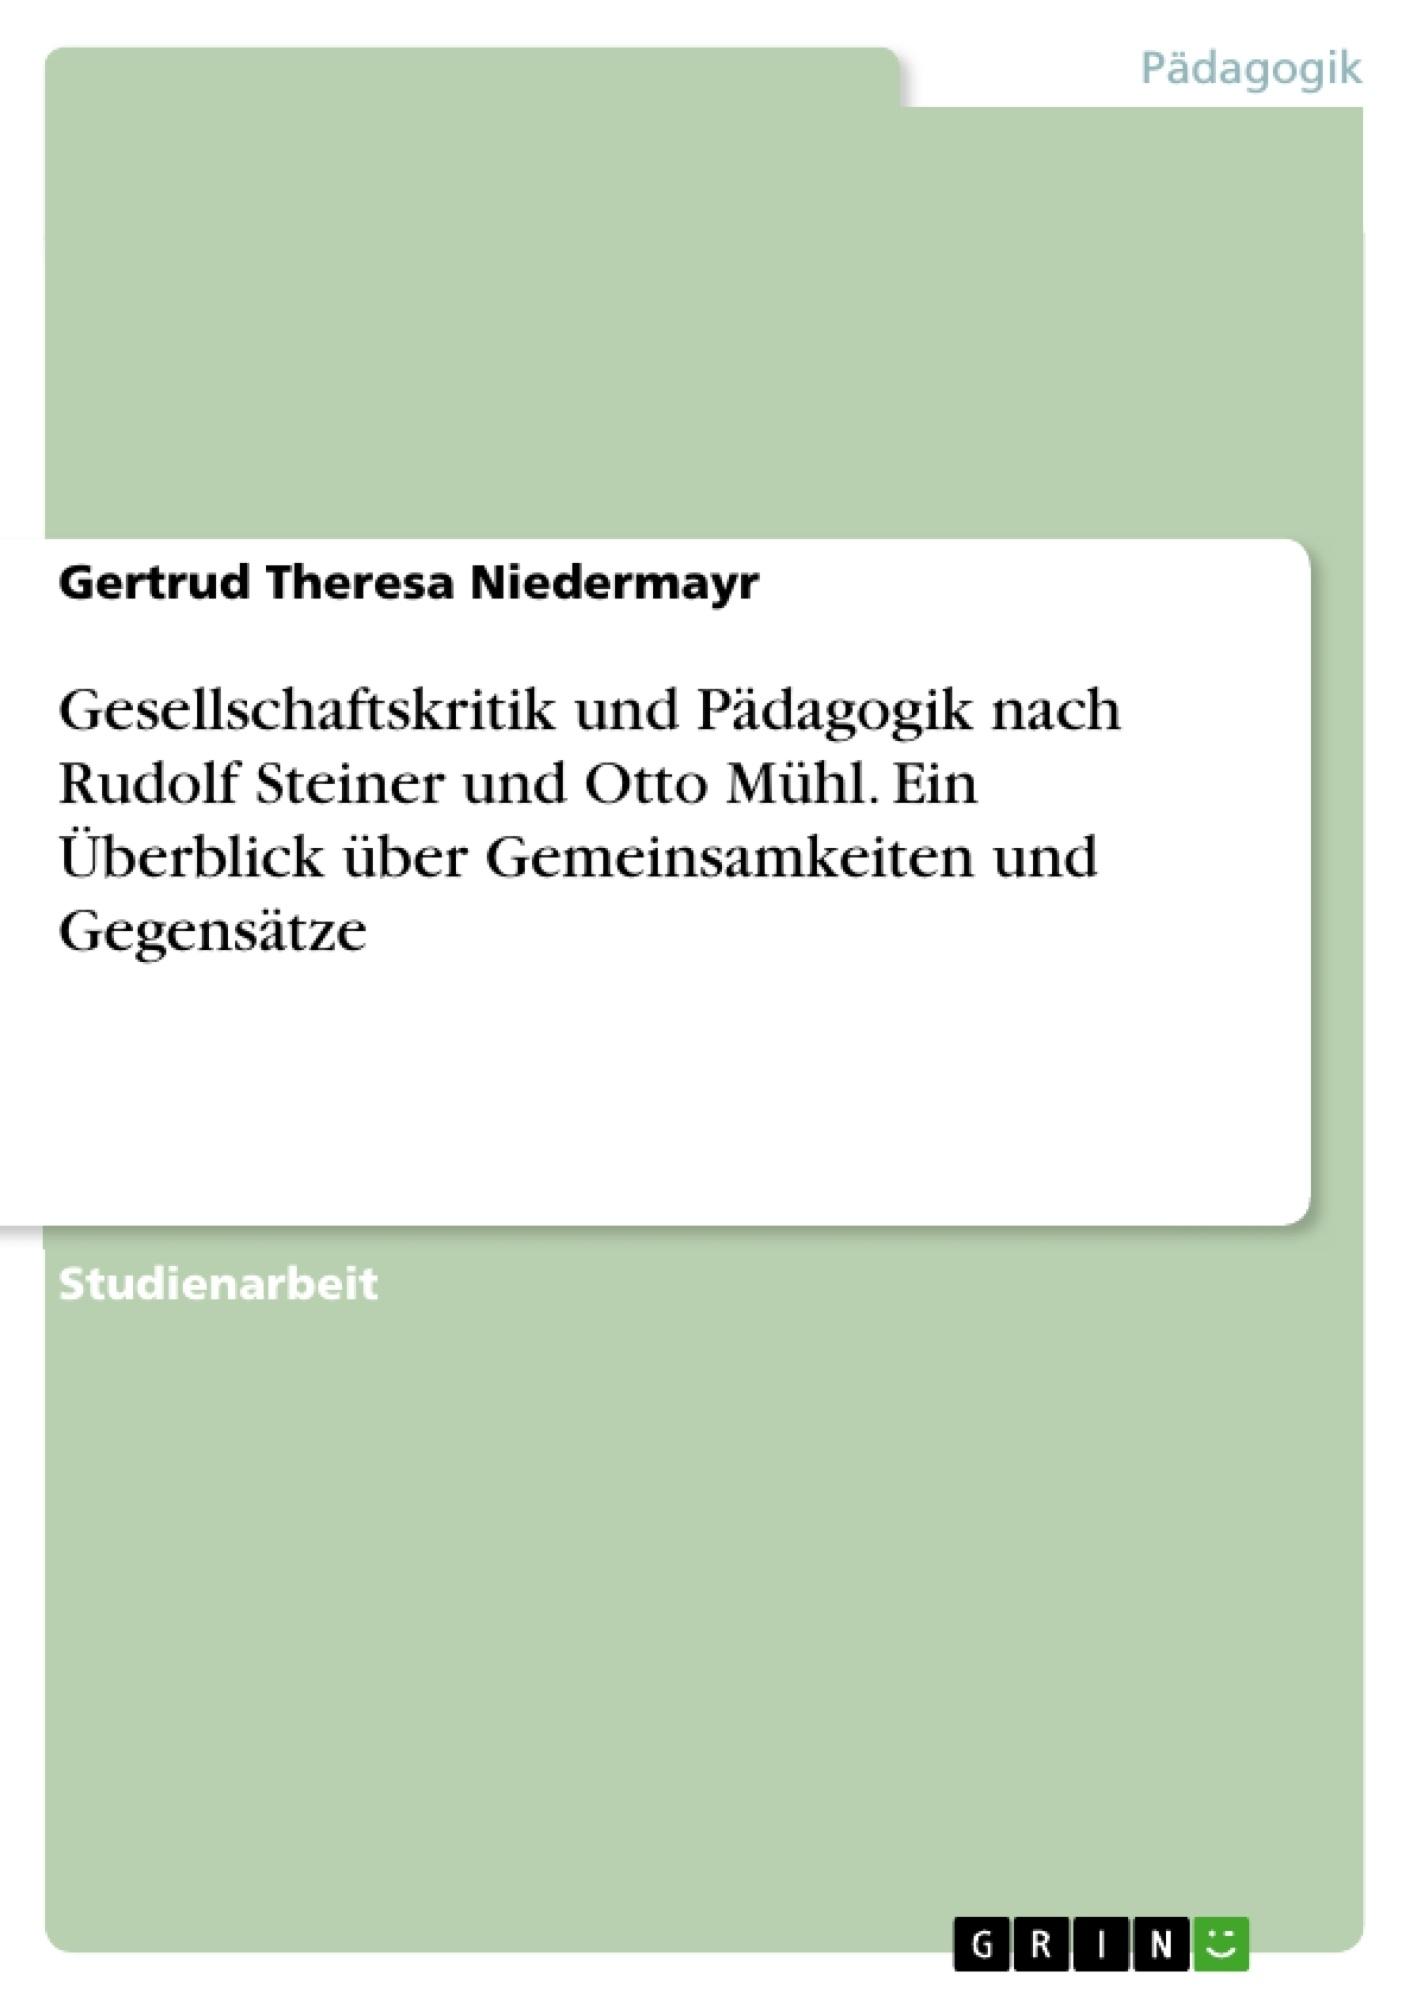 Titel: Gesellschaftskritik und Pädagogik nach Rudolf Steiner und Otto Mühl. Ein Überblick über Gemeinsamkeiten und Gegensätze